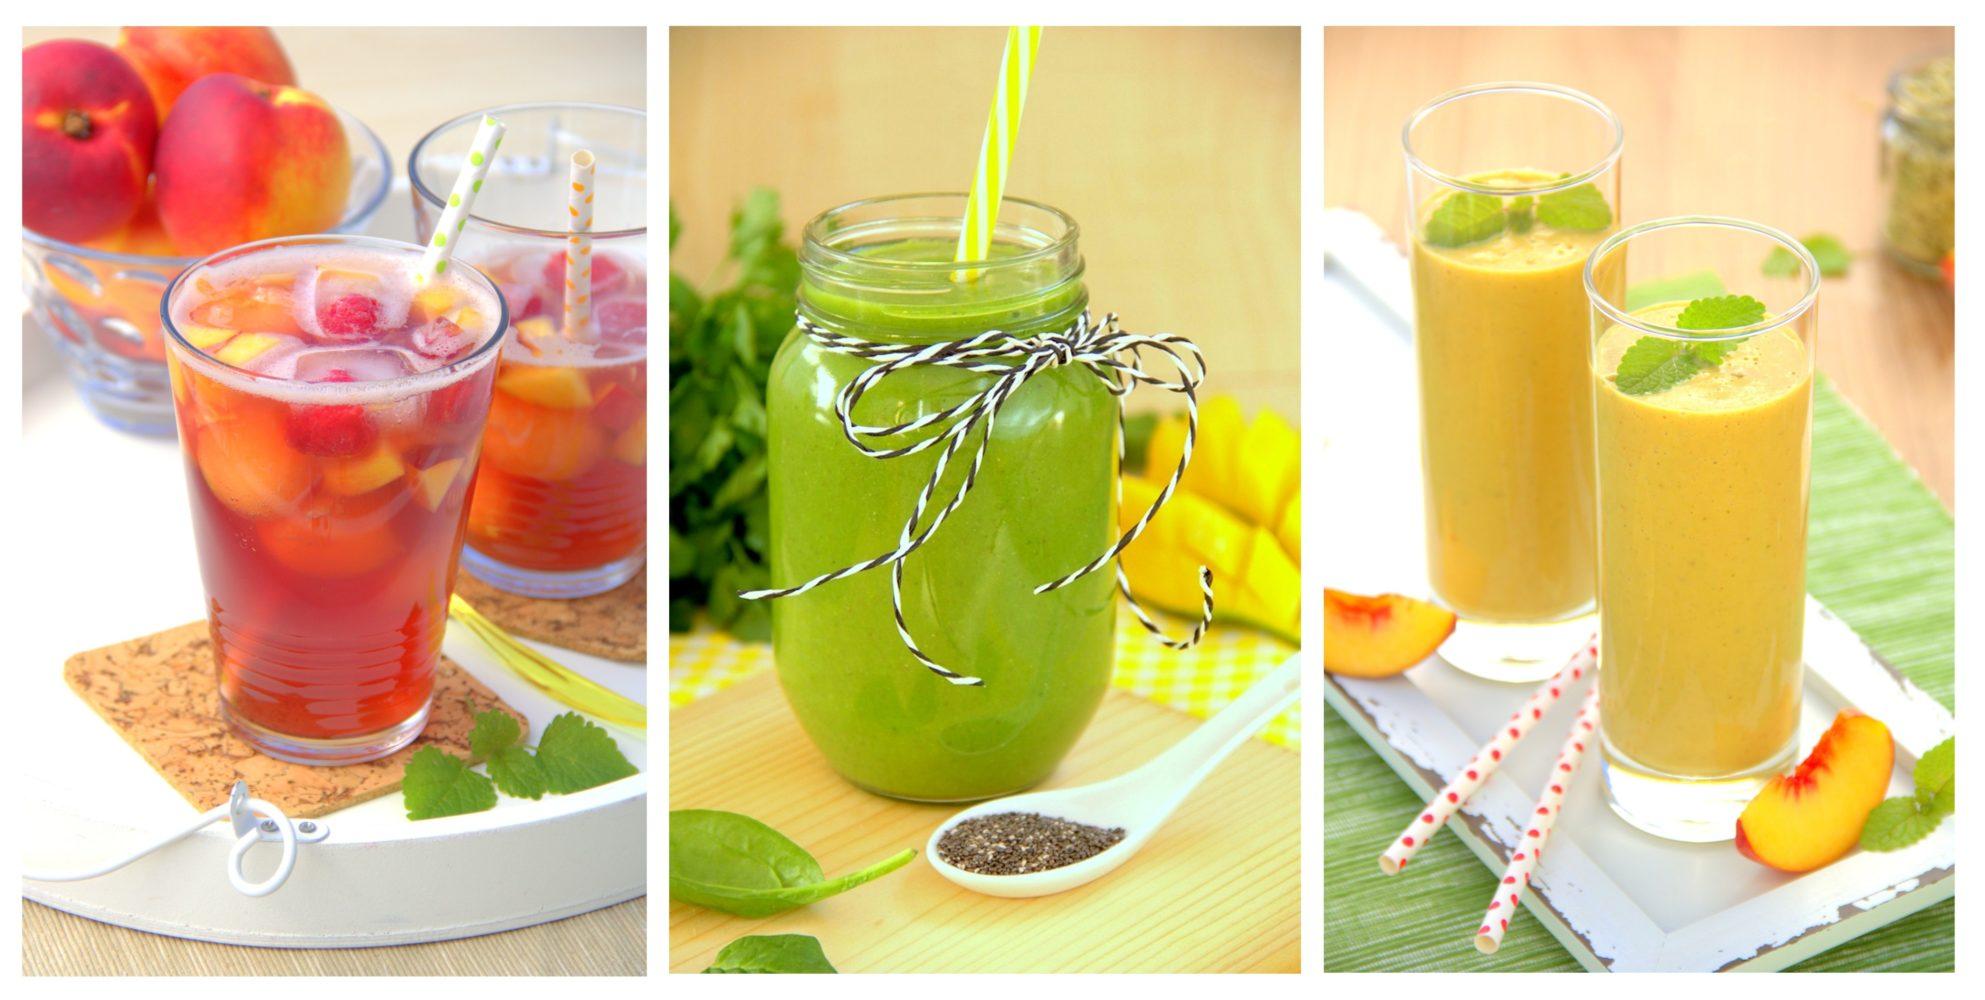 vegane gesunde Smoothies Rezepte zum selber machen Drinks ohne Soja